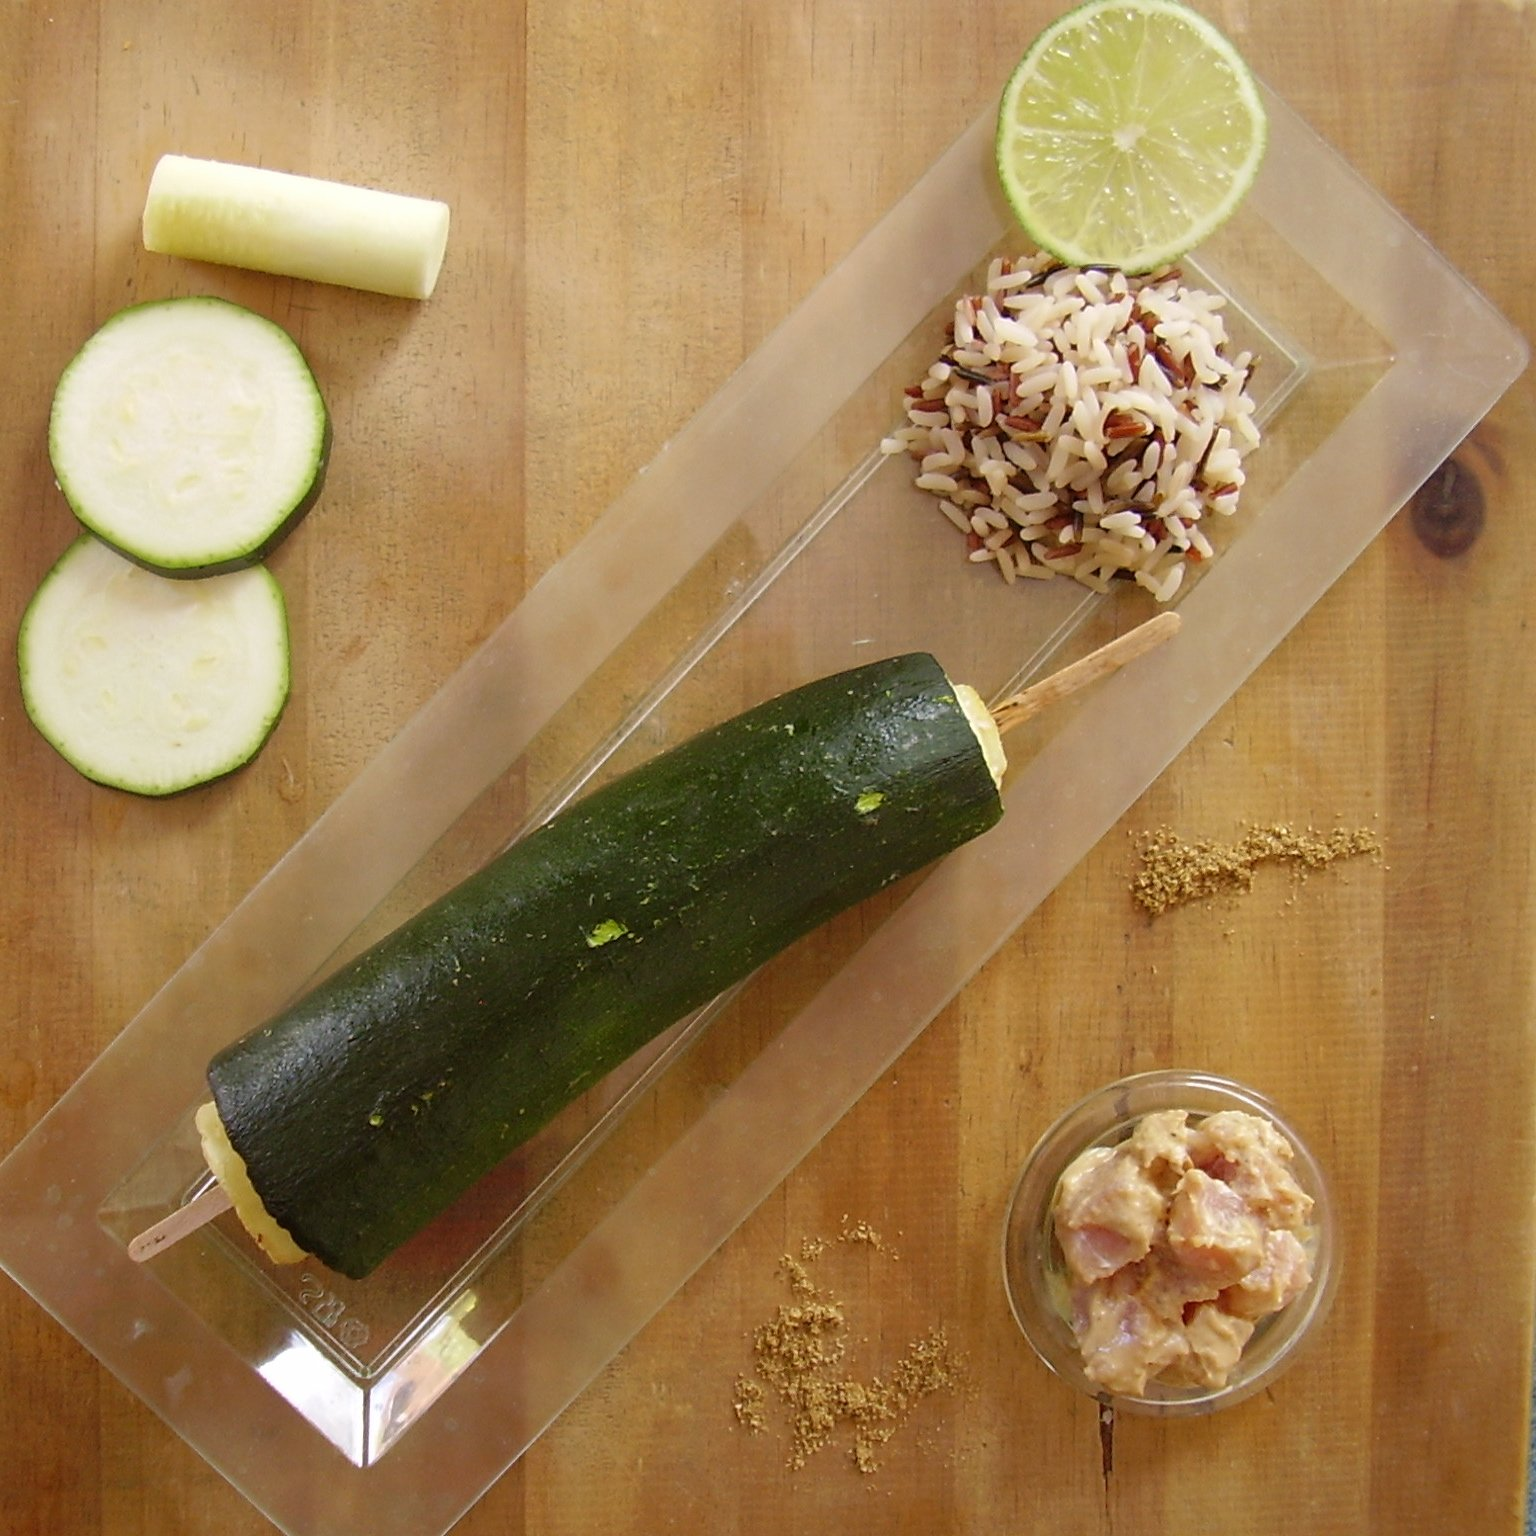 Brochette de courgette surprise (alias courgette farcie au porc sauce satay)